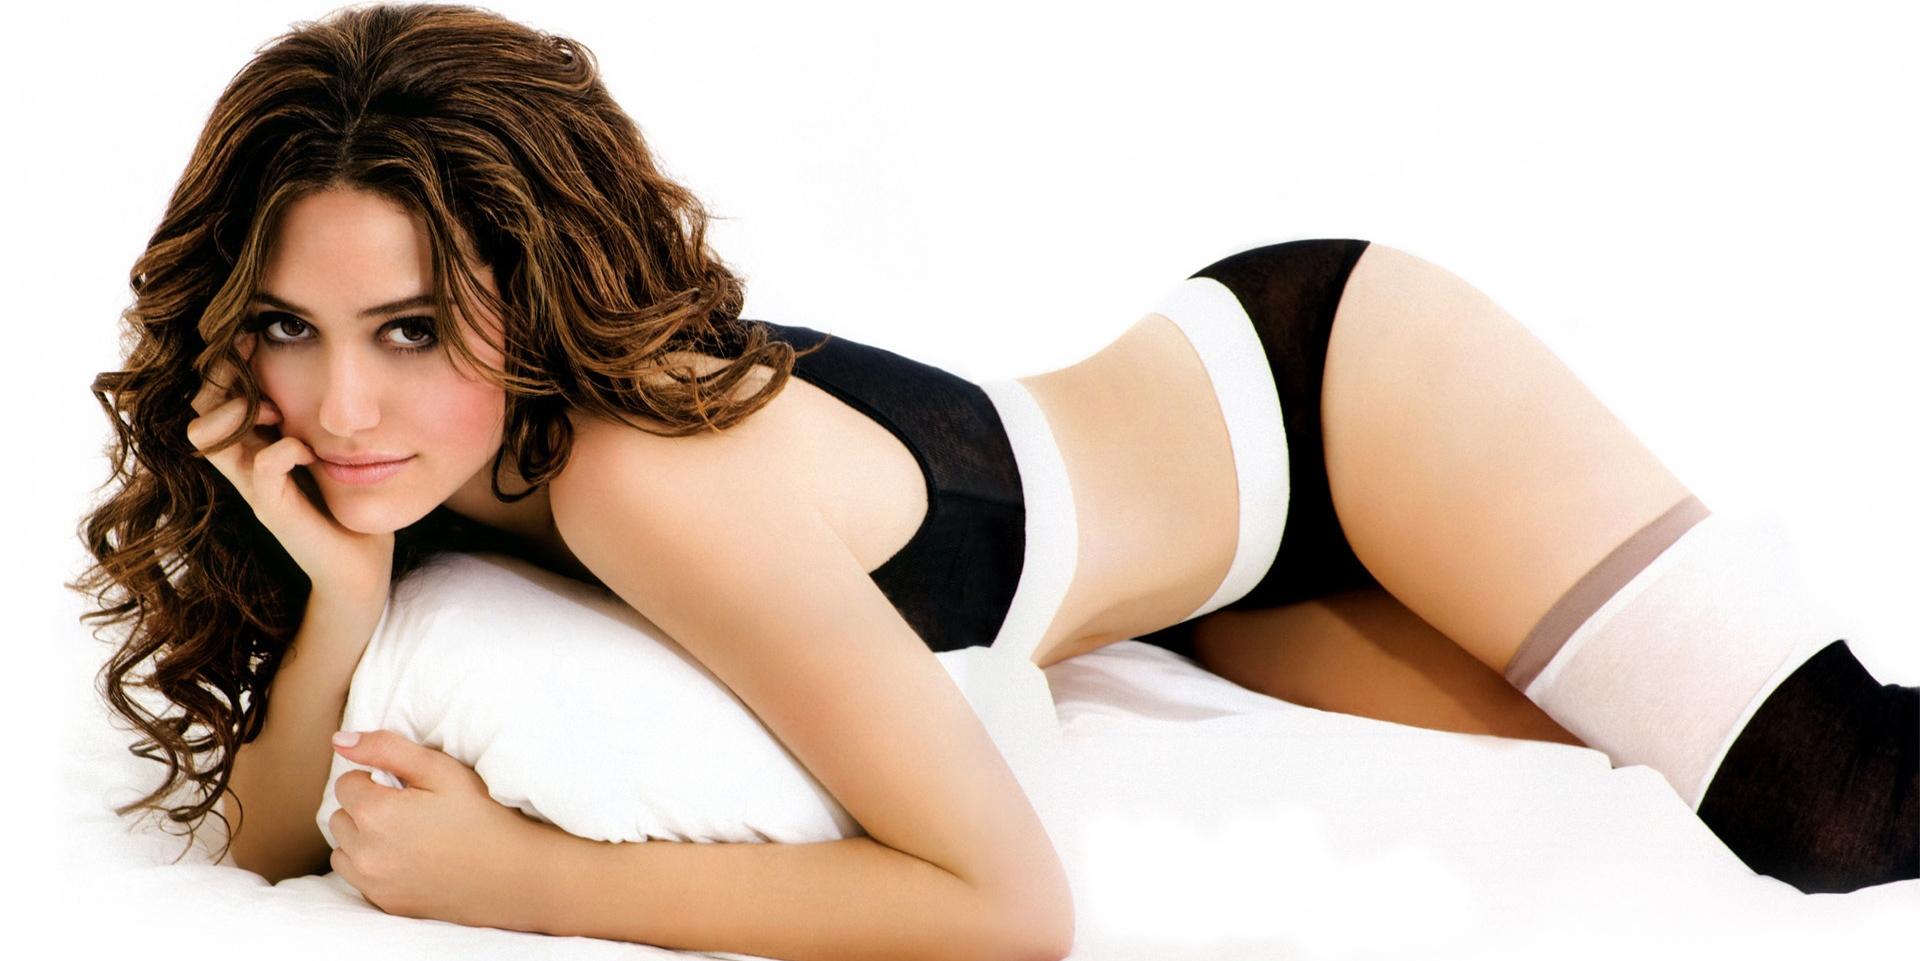 Nude hot jewish girl